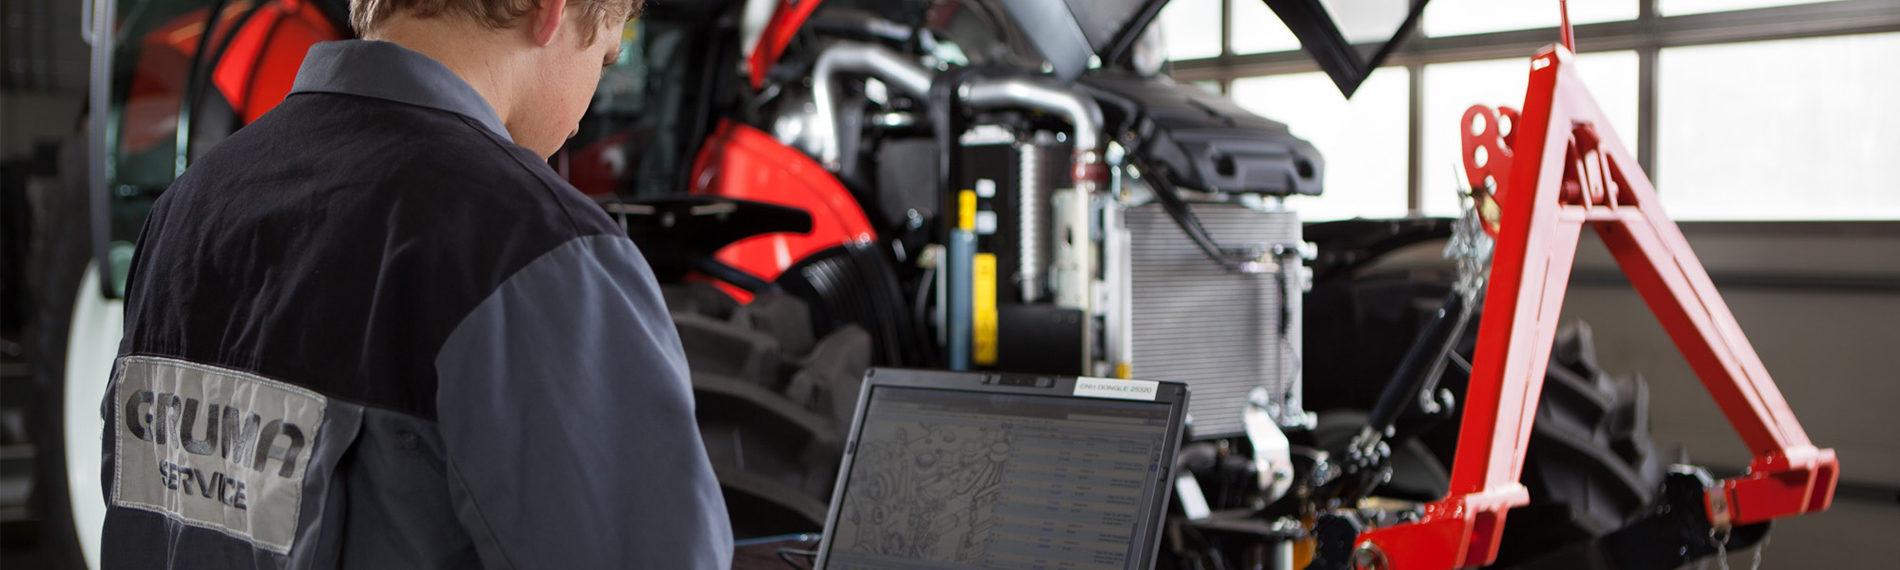 traktor reparatur mit laptop